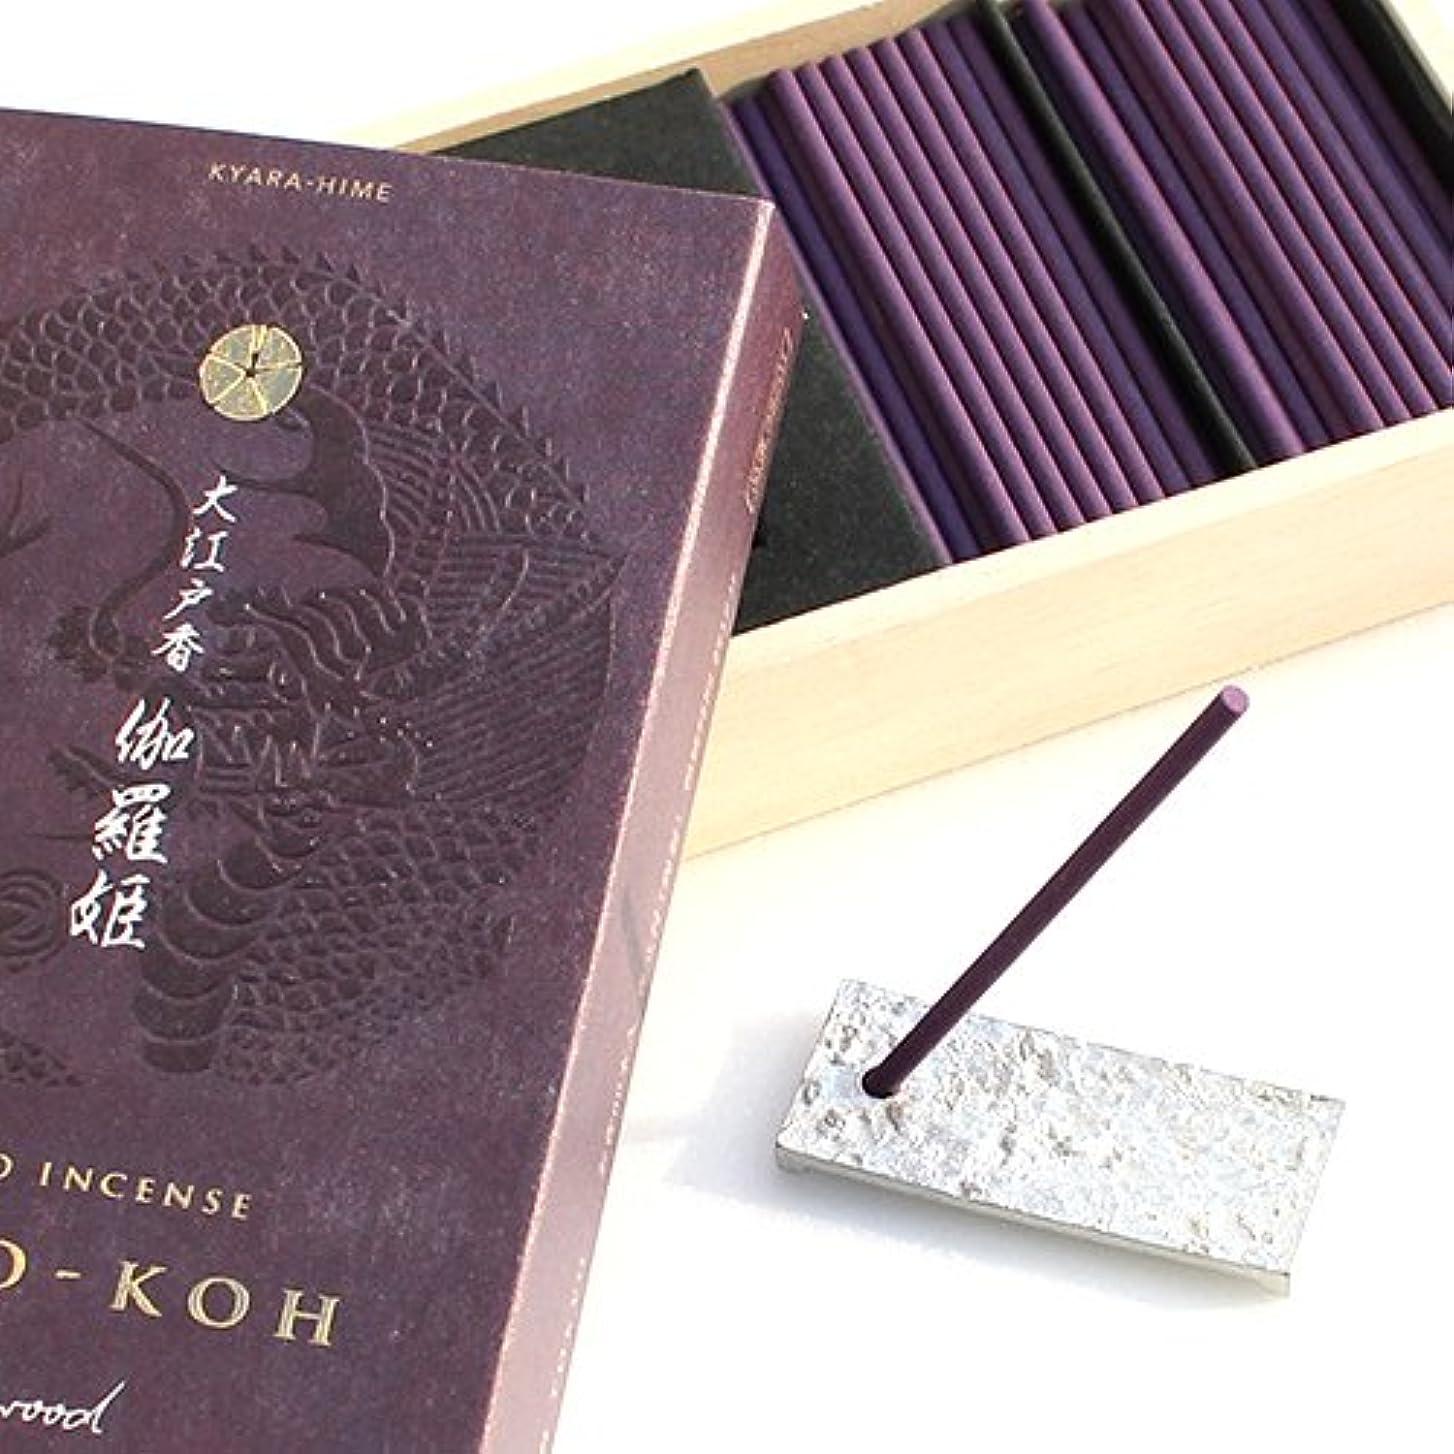 【日本香堂】お香 大江戸香 伽羅姫(きゃらひめ) お香スティック60本 香立て付(錫製)